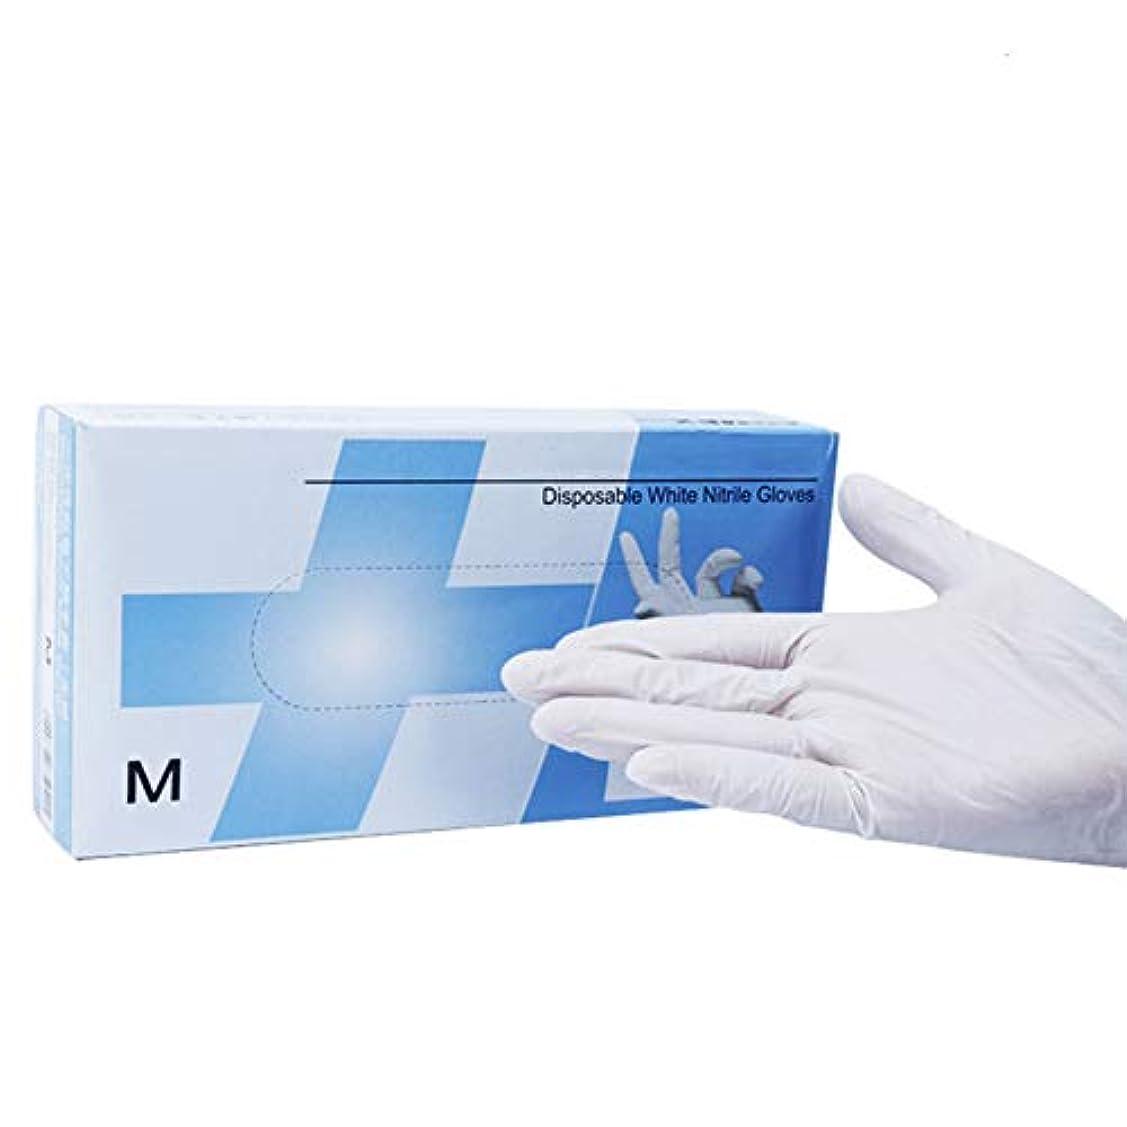 シマウマ傑出した実際にパウダーフリー 生殖不能 メディカル 白 ニトリル 手袋、 使い捨て 安全性 滑り止め ビニール 検査 グローブ、 に適し クリーニング、 食品加工、 (100個/ 1箱),M